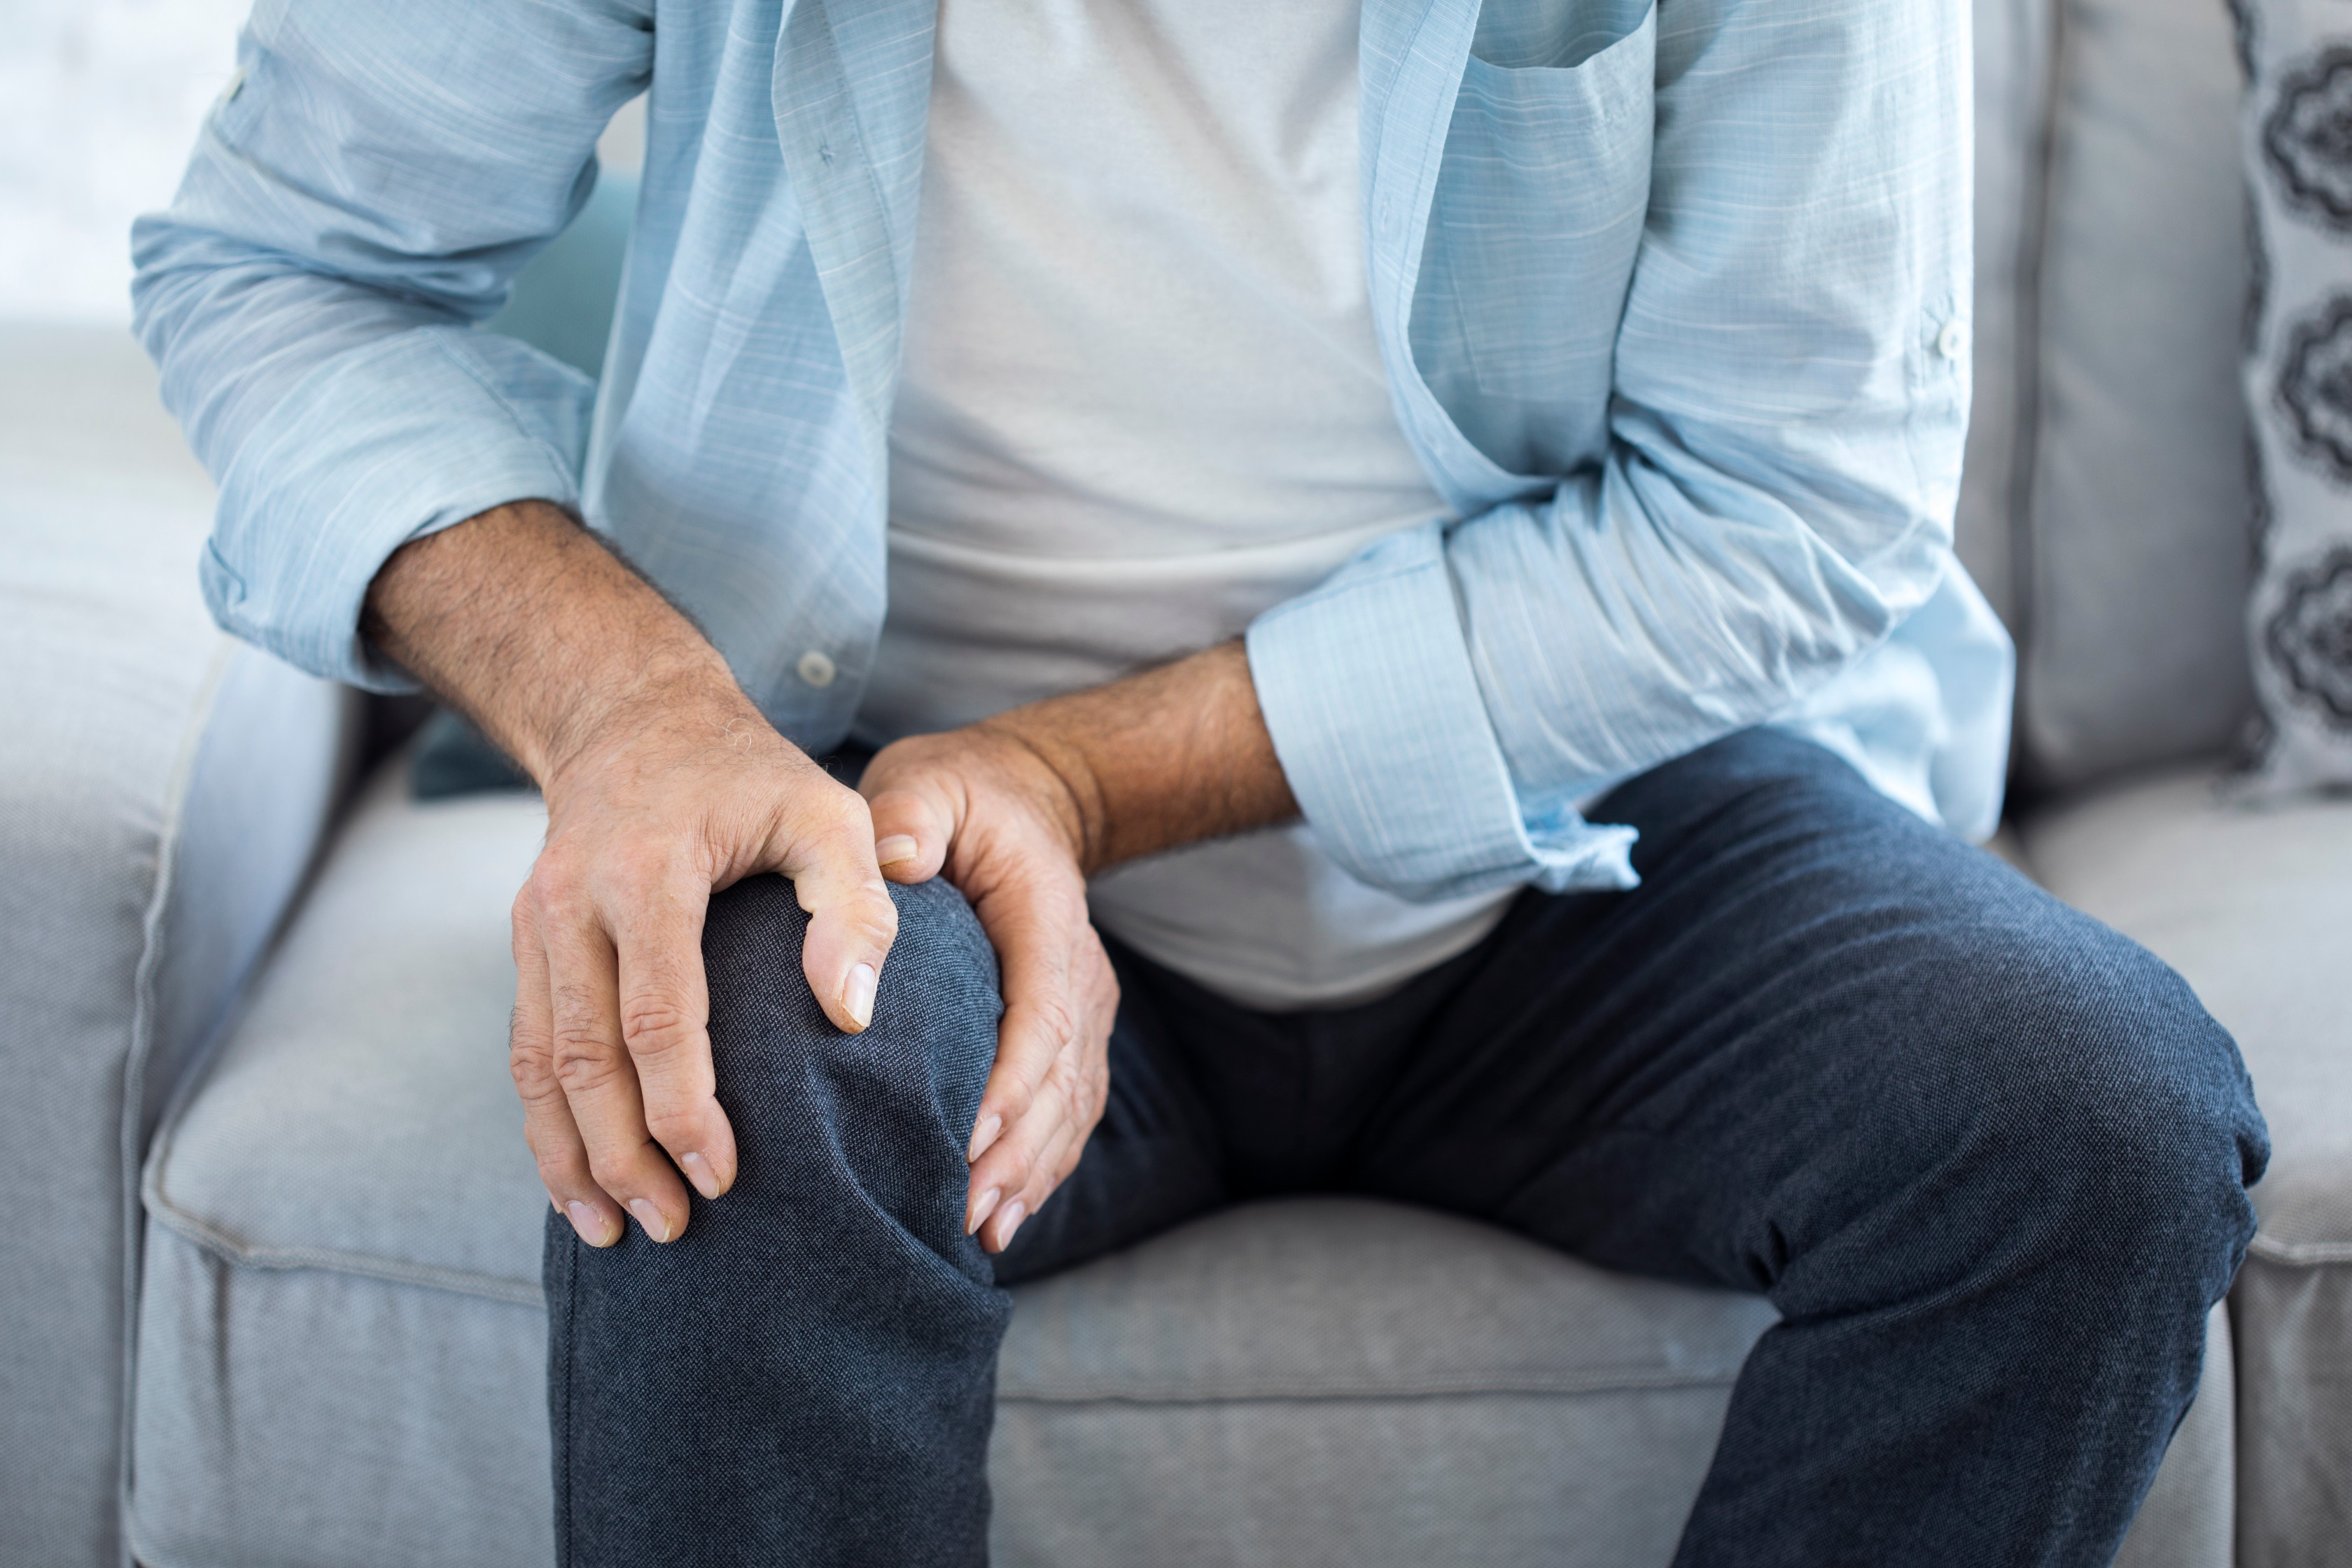 láz és fájdalom a láb ízületeiben